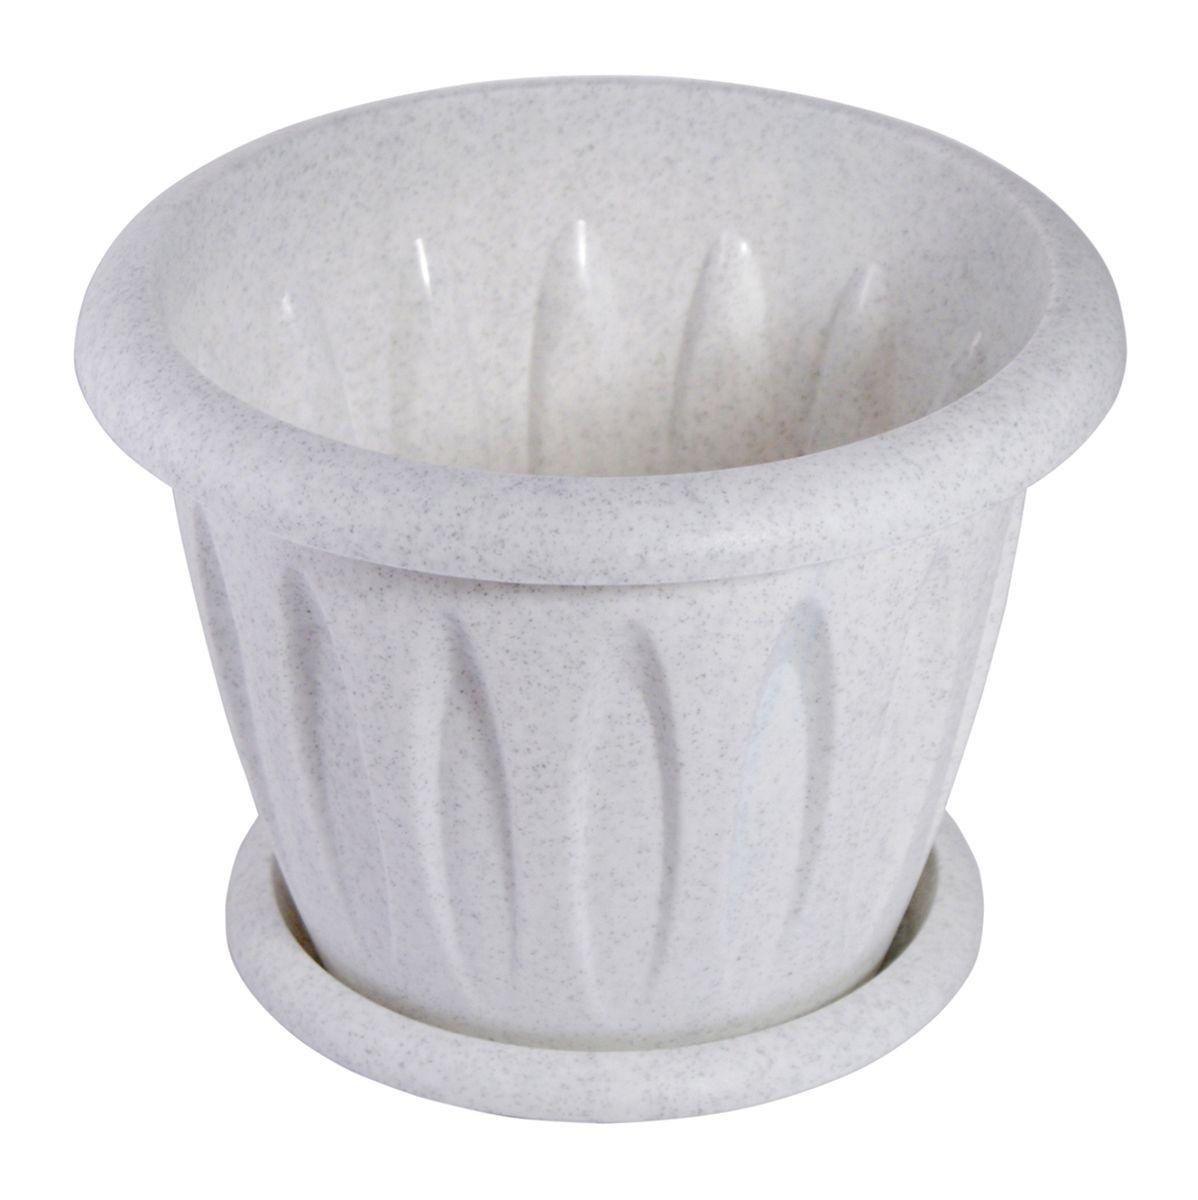 Горшок для цветов Martika Фелиция, с поддоном, цвет: мрамор, 900 мл531-321Горшок Martika Фелиция изготовлен из высококачественного пластика и оснащен поддоном для стока воды.Изделие прекрасно подойдет для выращивания растений дома и на приусадебных участках. Диаметр (по верхнему краю): 14,1 см.Высота: 10,9 см.